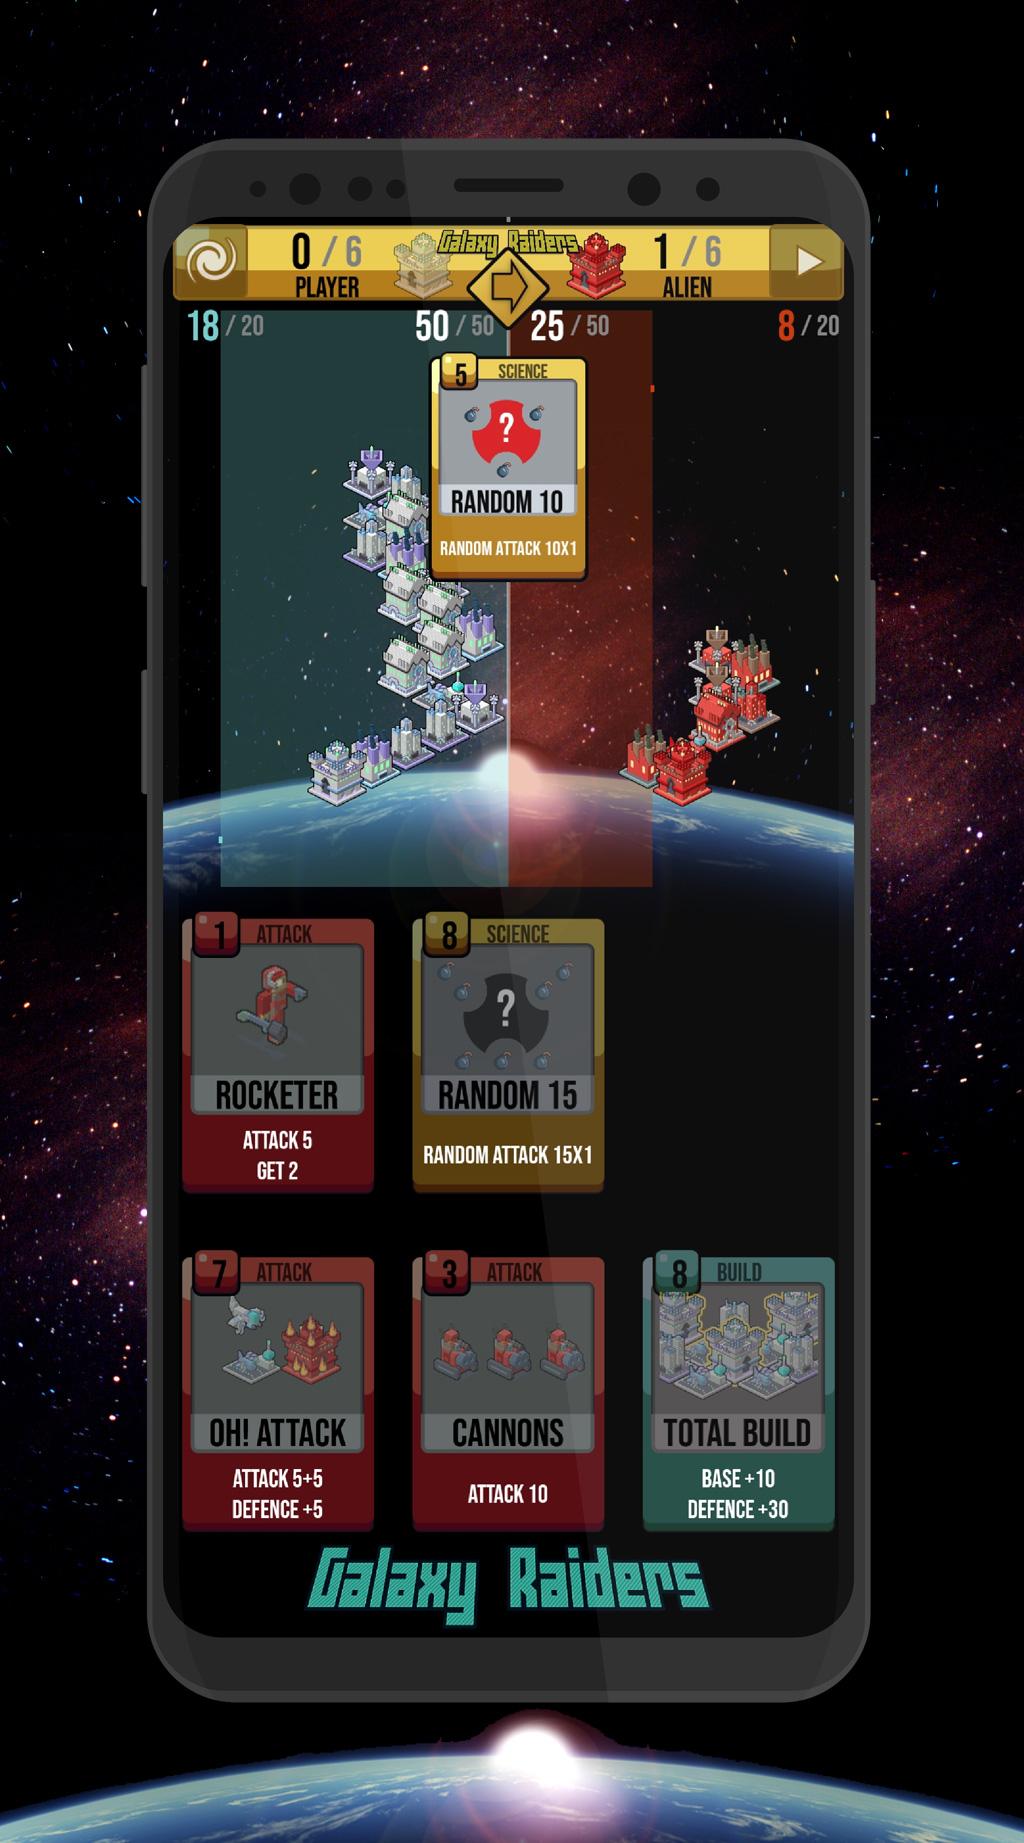 Galaxy Raiders Cards